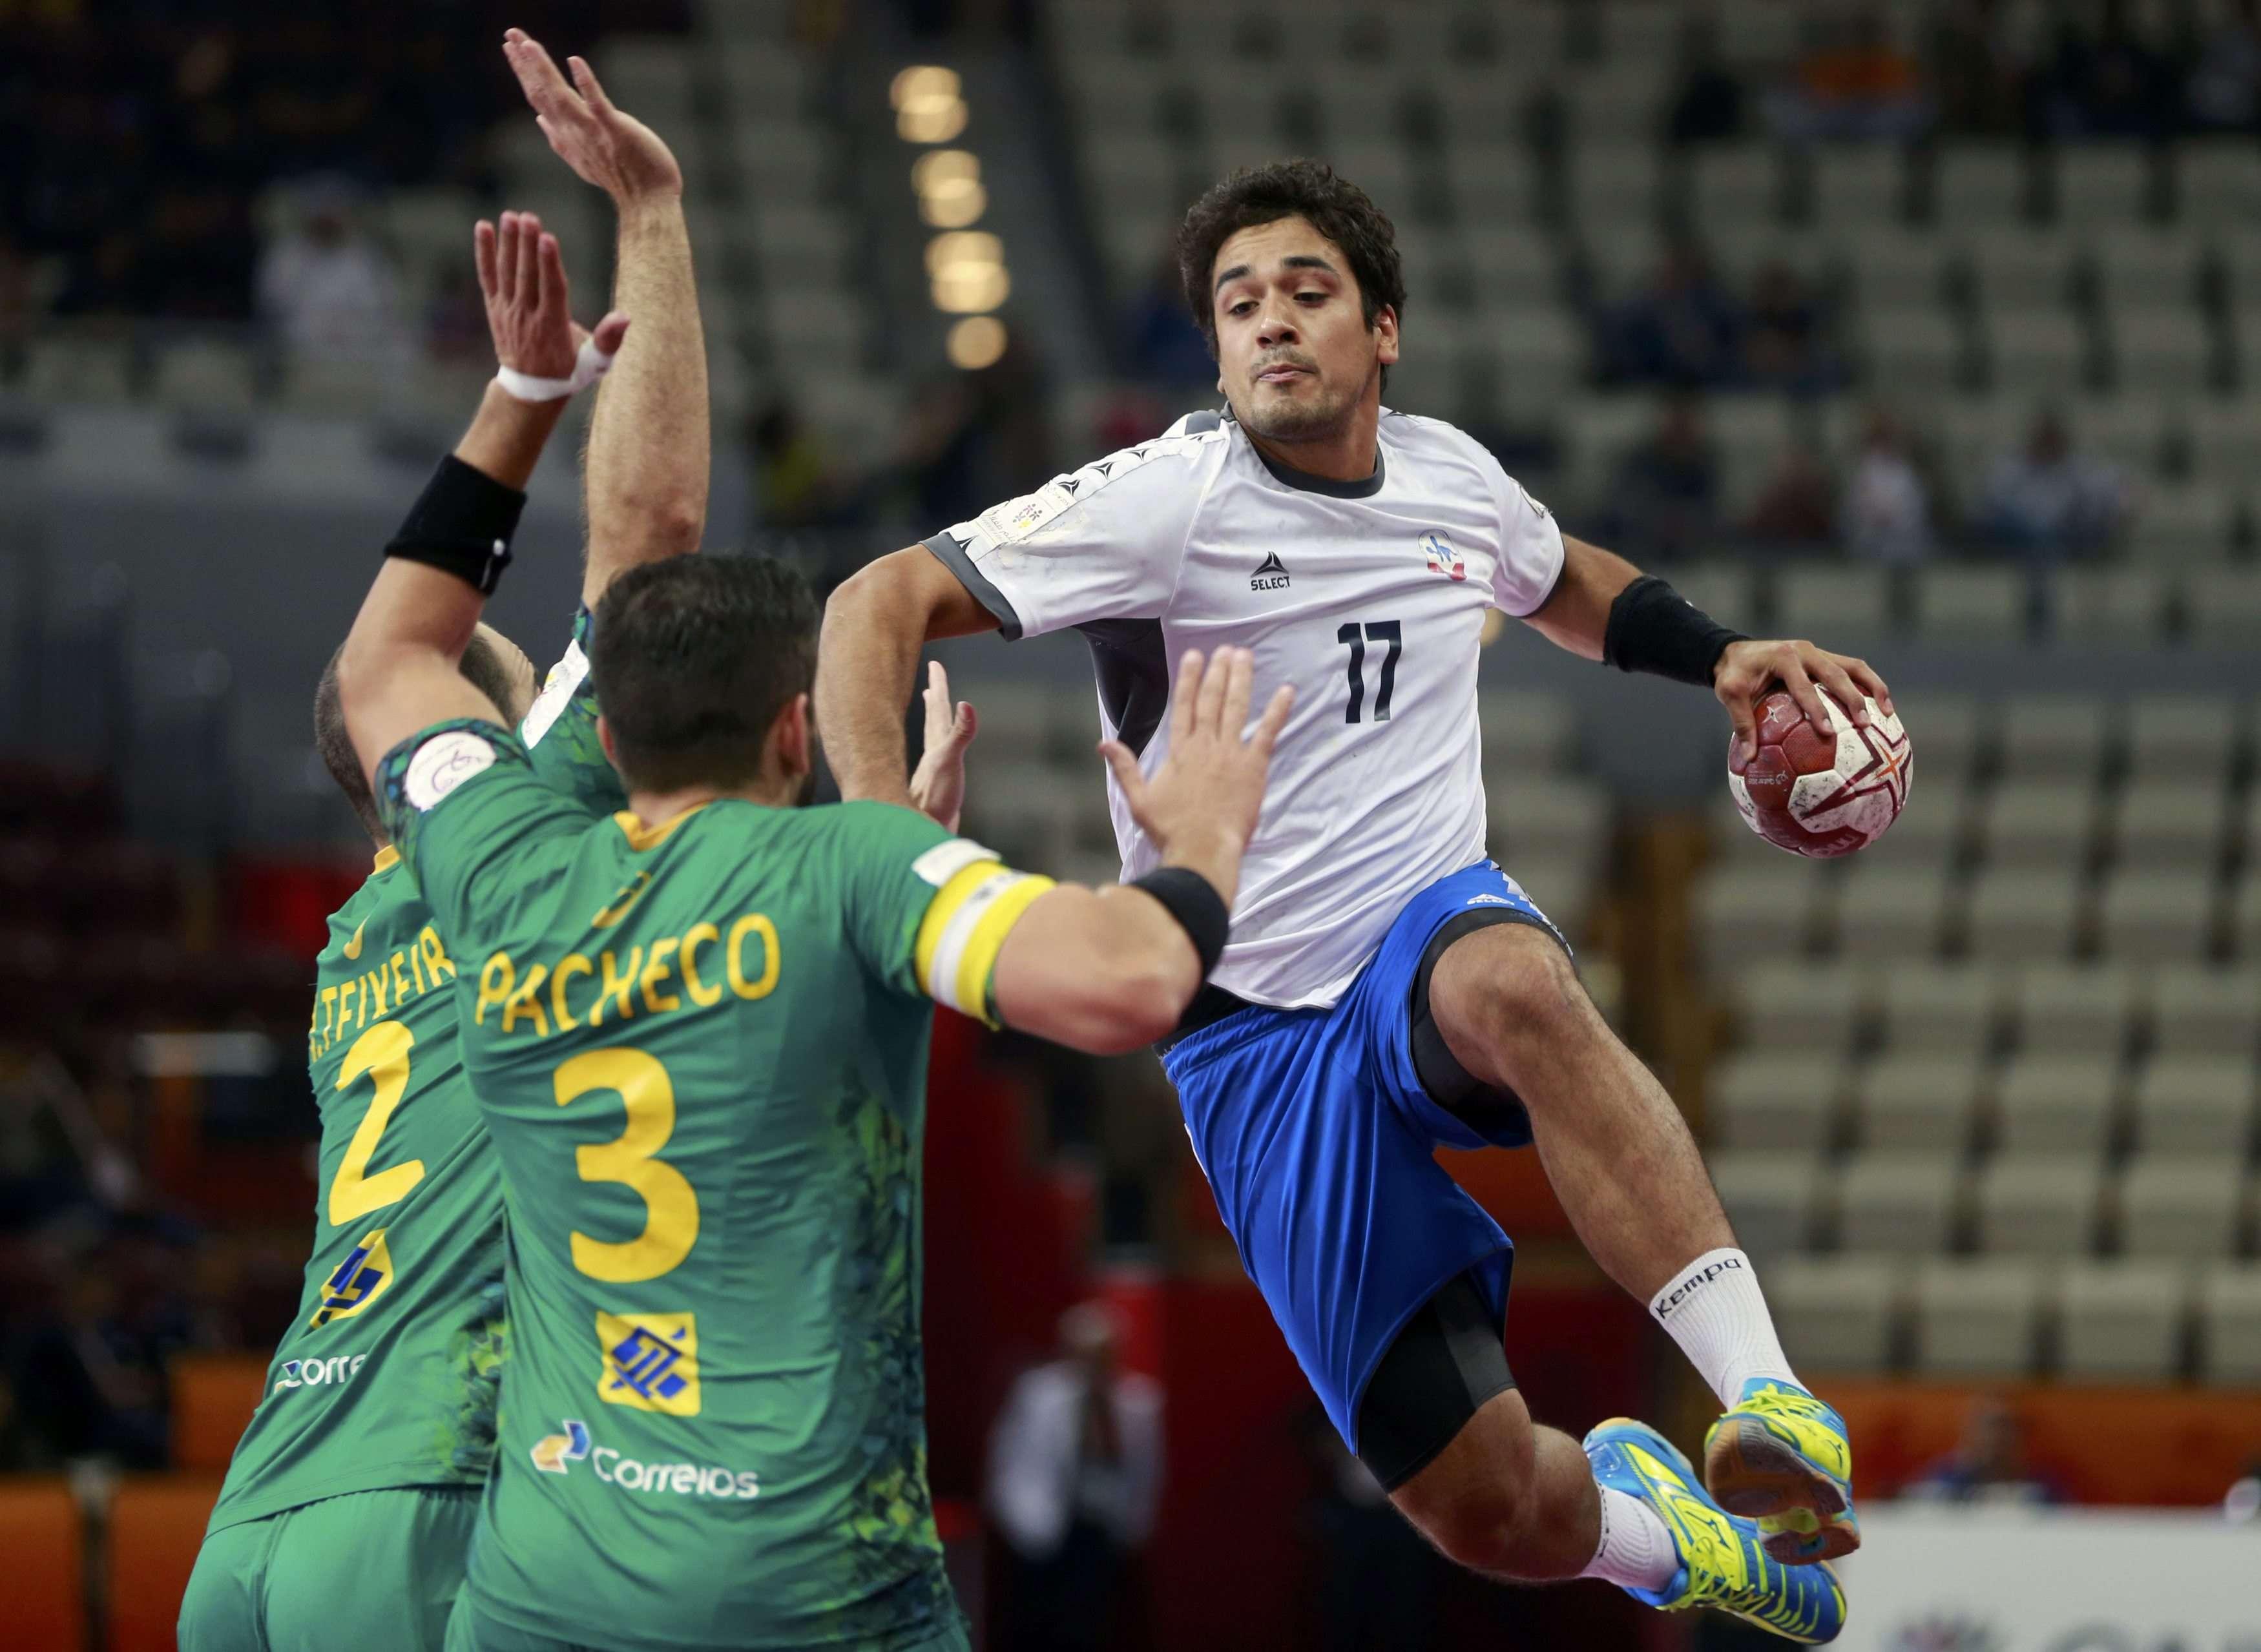 El último partido de Chile será este martes ante Argelia. Foto: Reuters en español